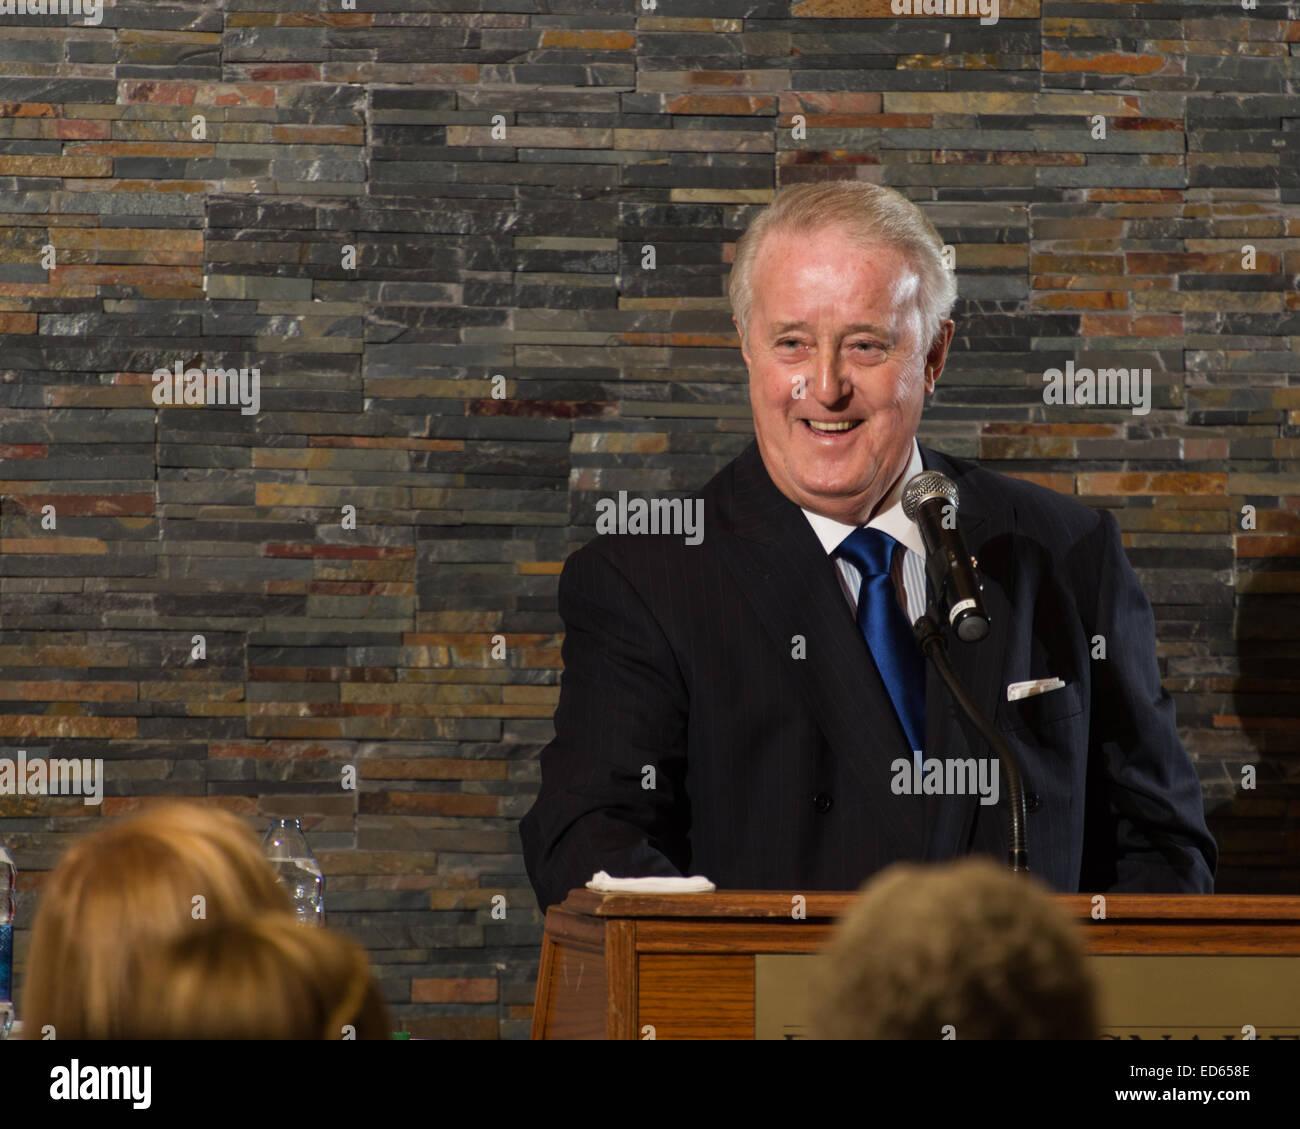 El Honorable Brian Mulroney como orador invitado en una cena de recaudación de fondos, 2014-10-09. Imagen De Stock